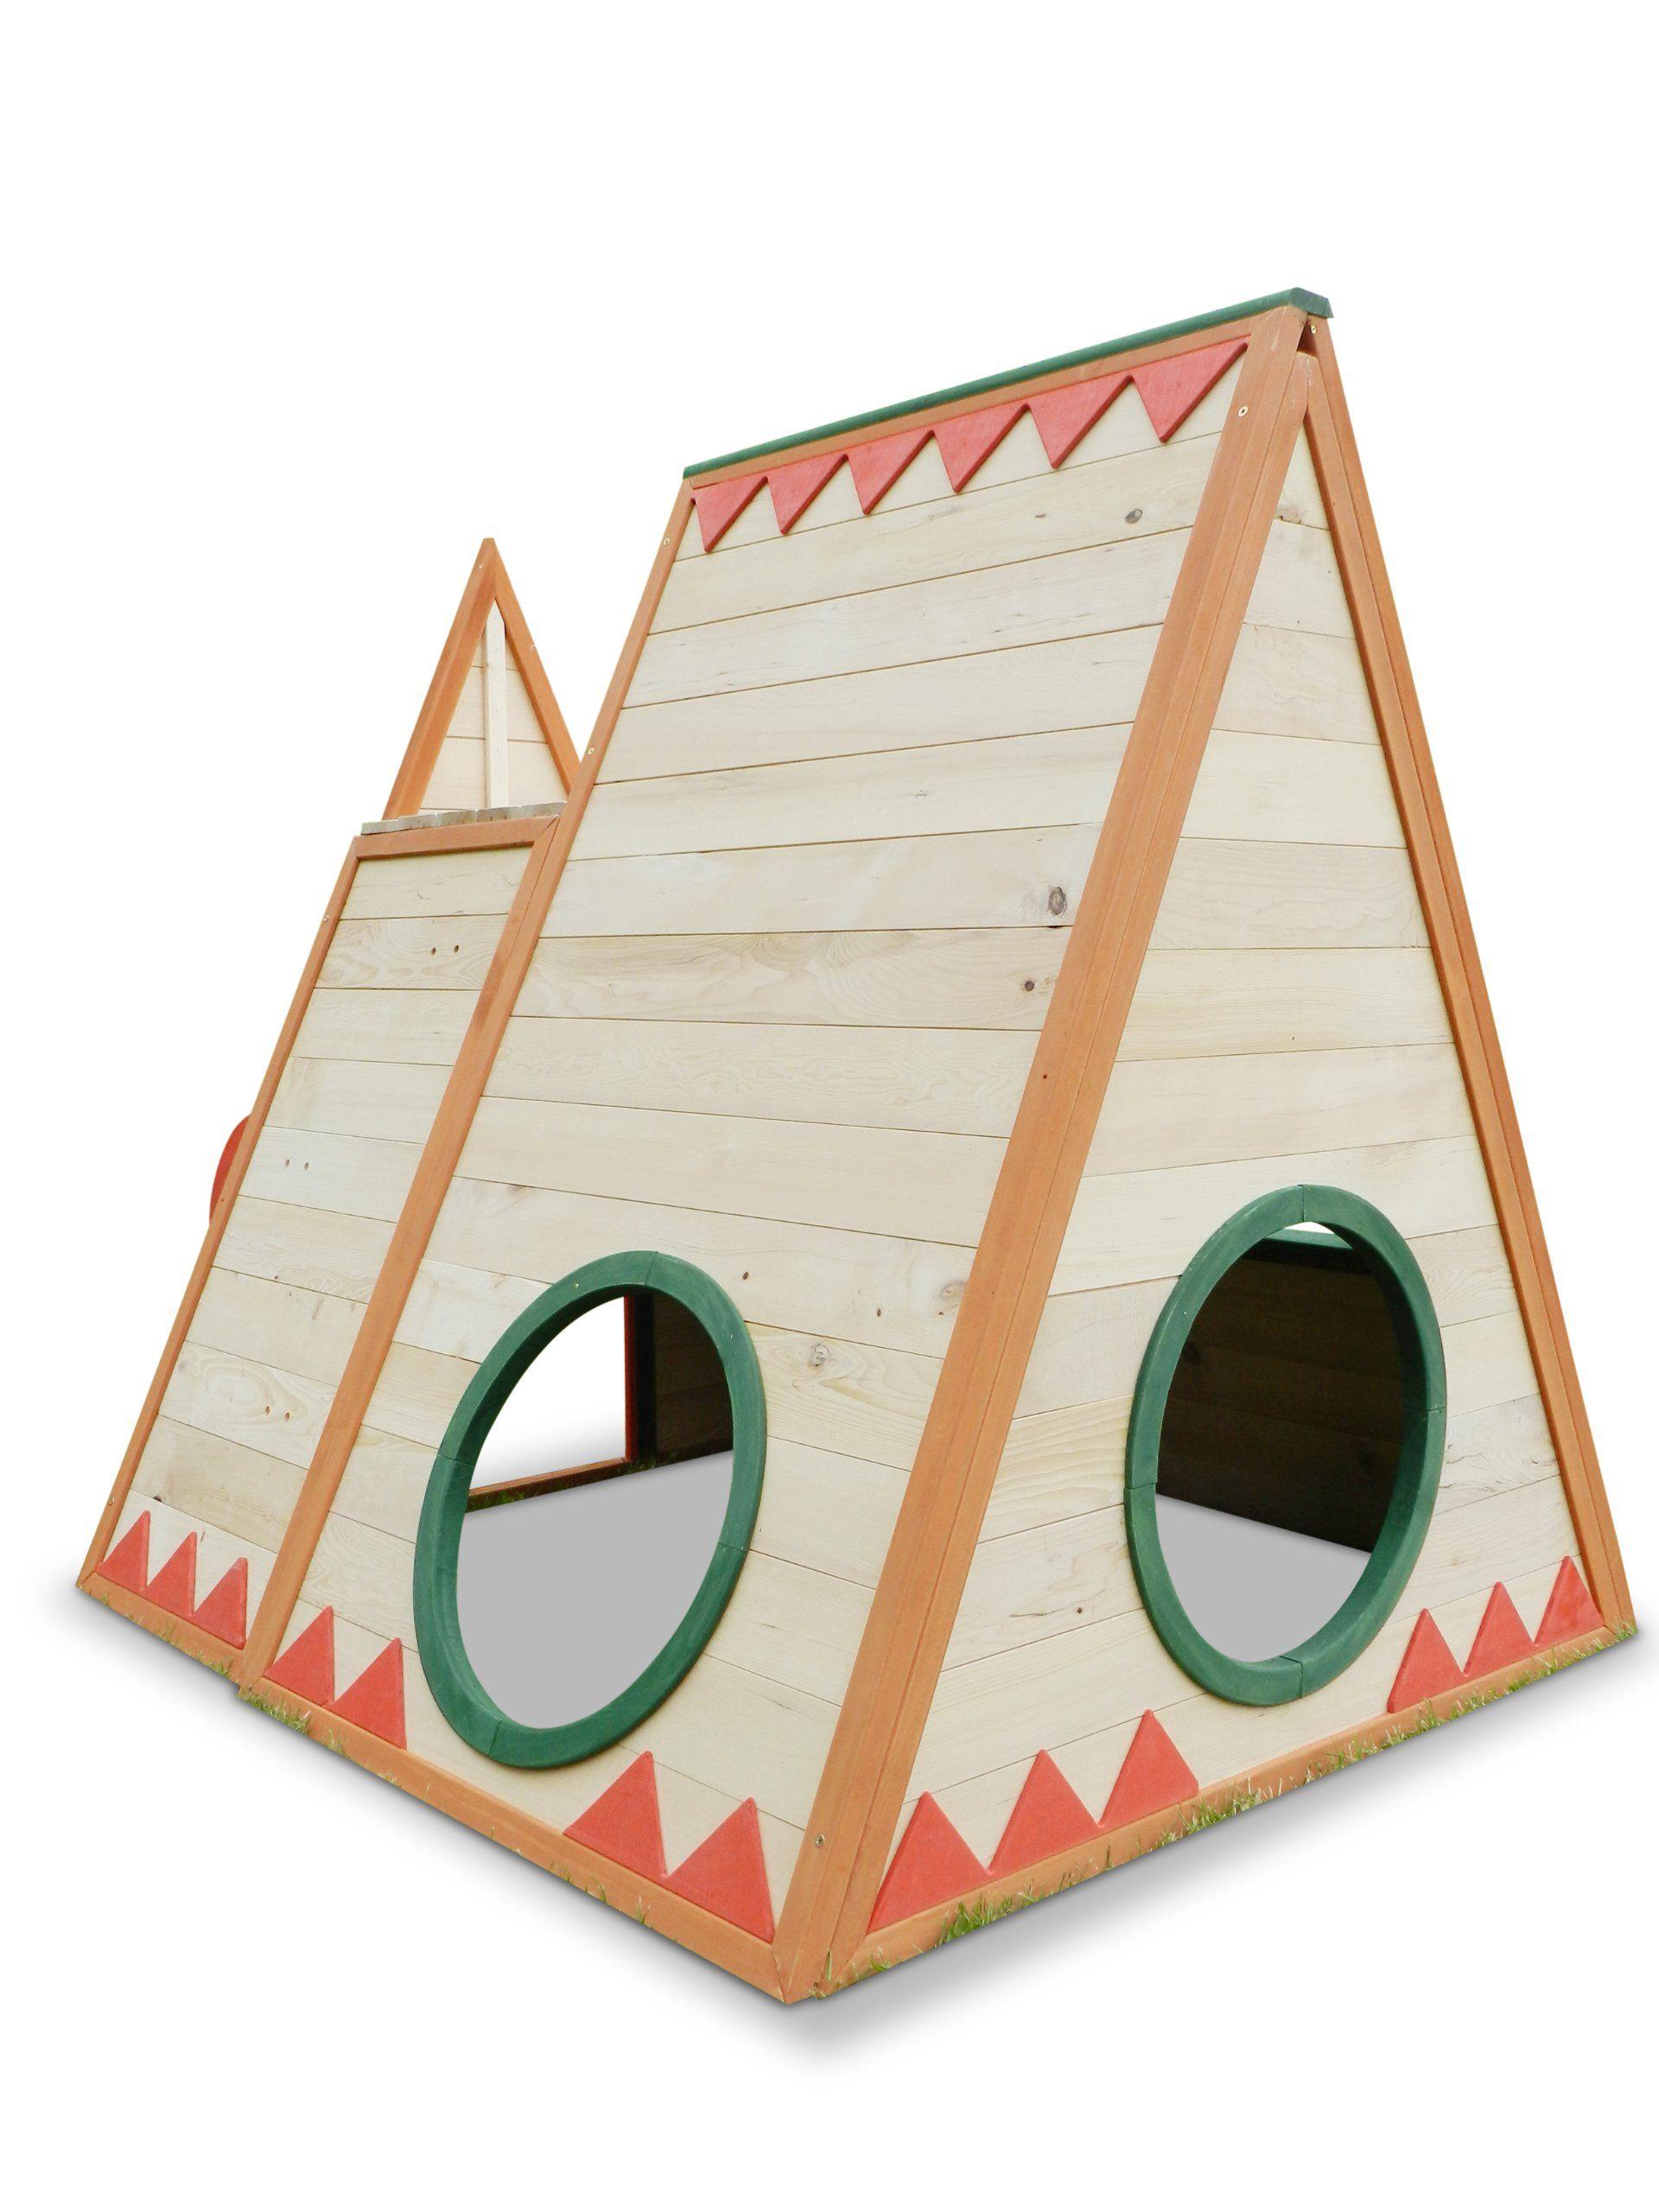 kinderspielhaus tini spielhaus aus holz mit rutsche kids garden ideas spielhaus spielhaus. Black Bedroom Furniture Sets. Home Design Ideas